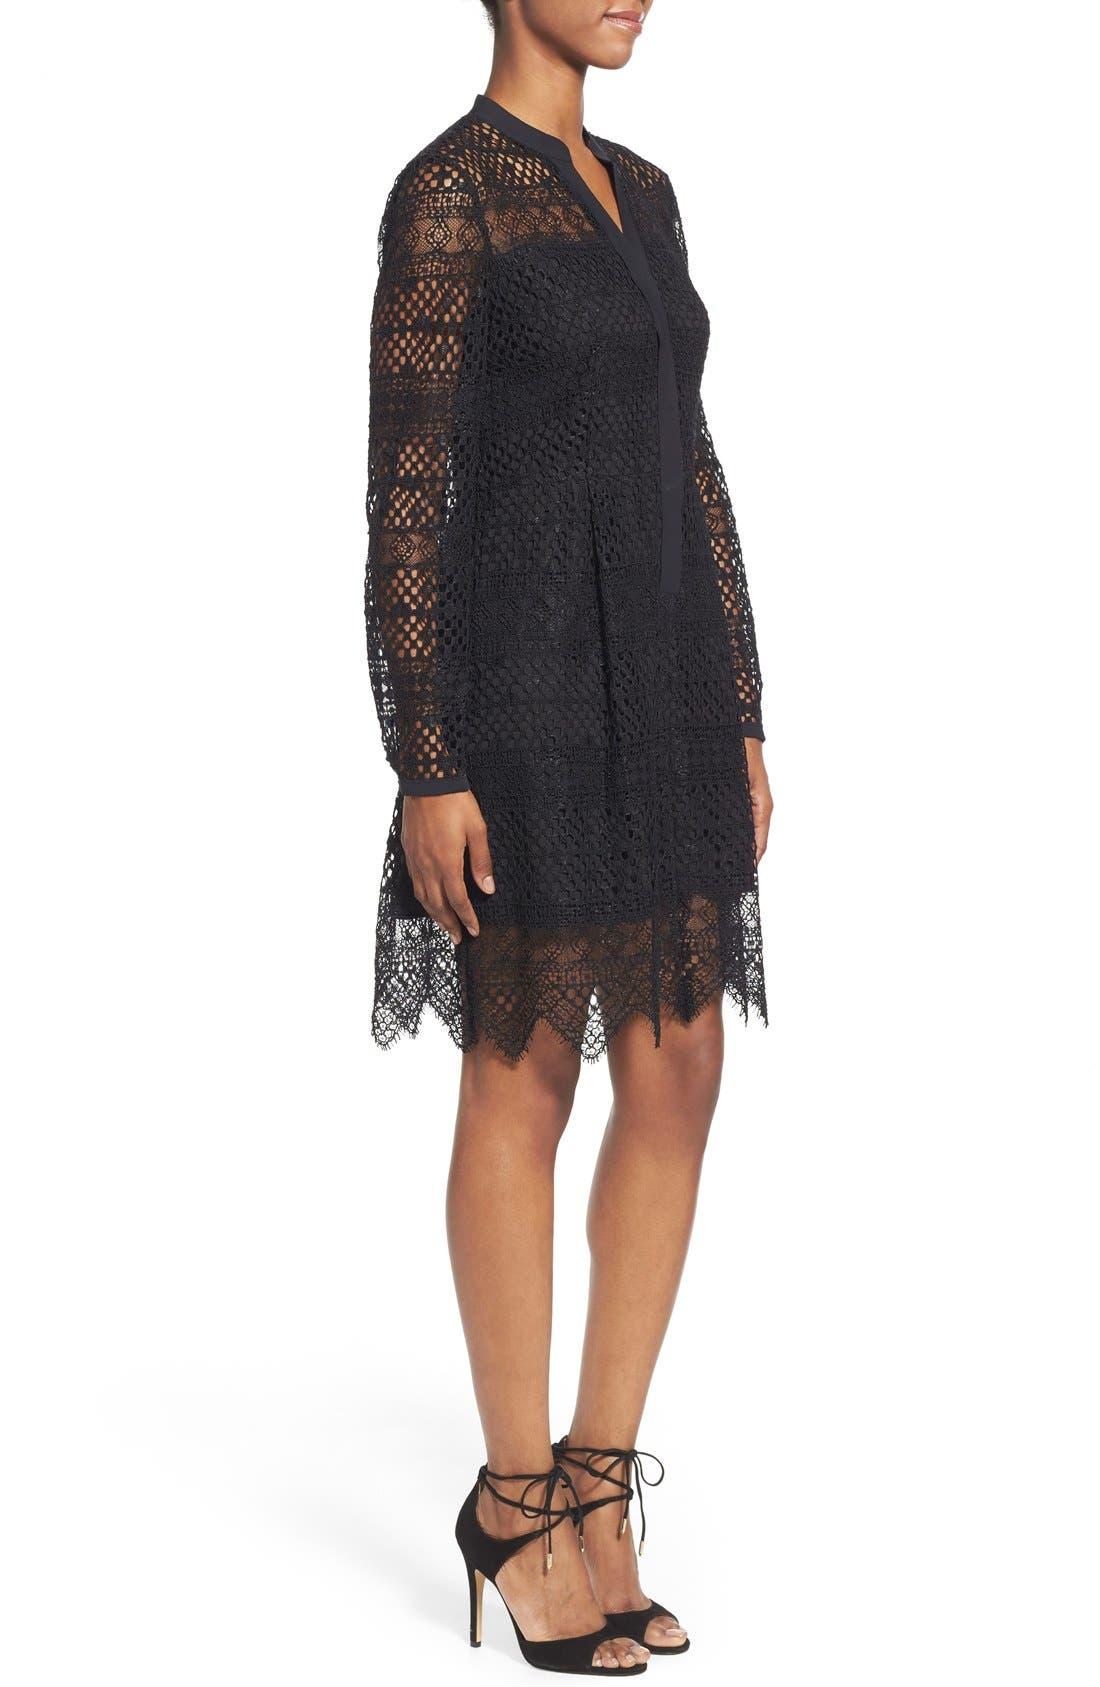 TAHARI,                             Elie Tahari 'Whitney' Split Neck Lace Sheath Dress,                             Alternate thumbnail 5, color,                             001